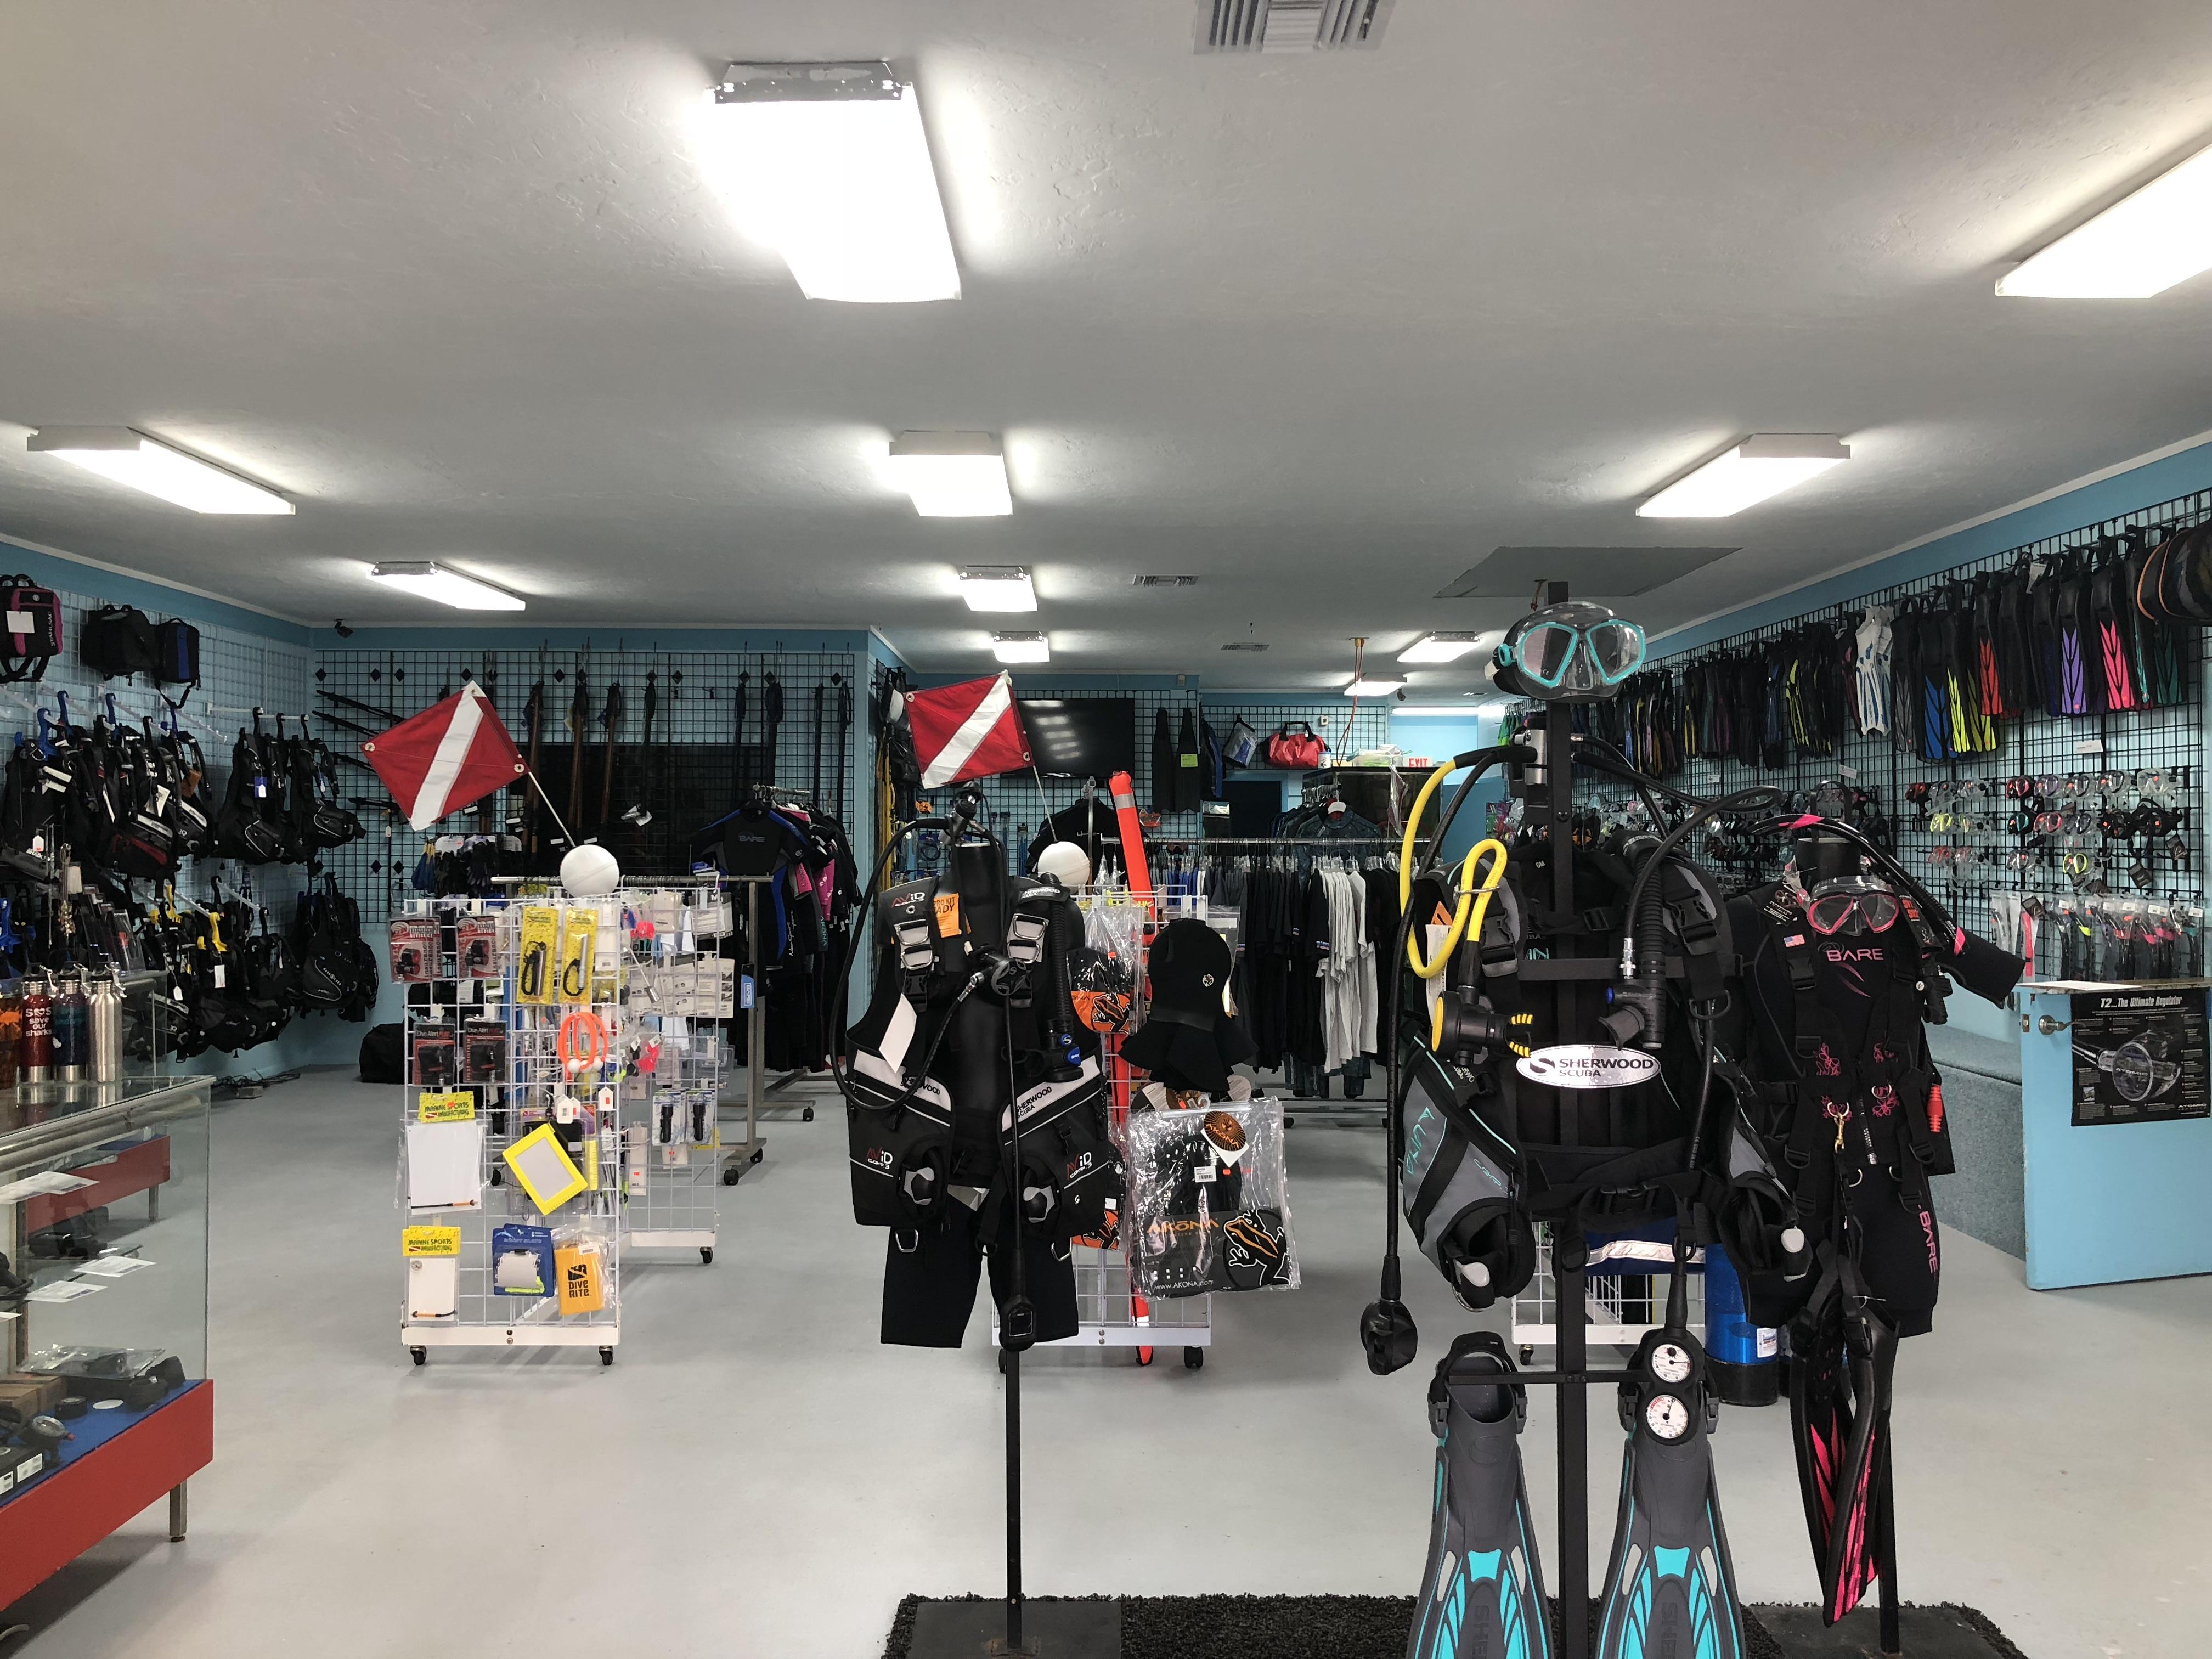 Shop inside